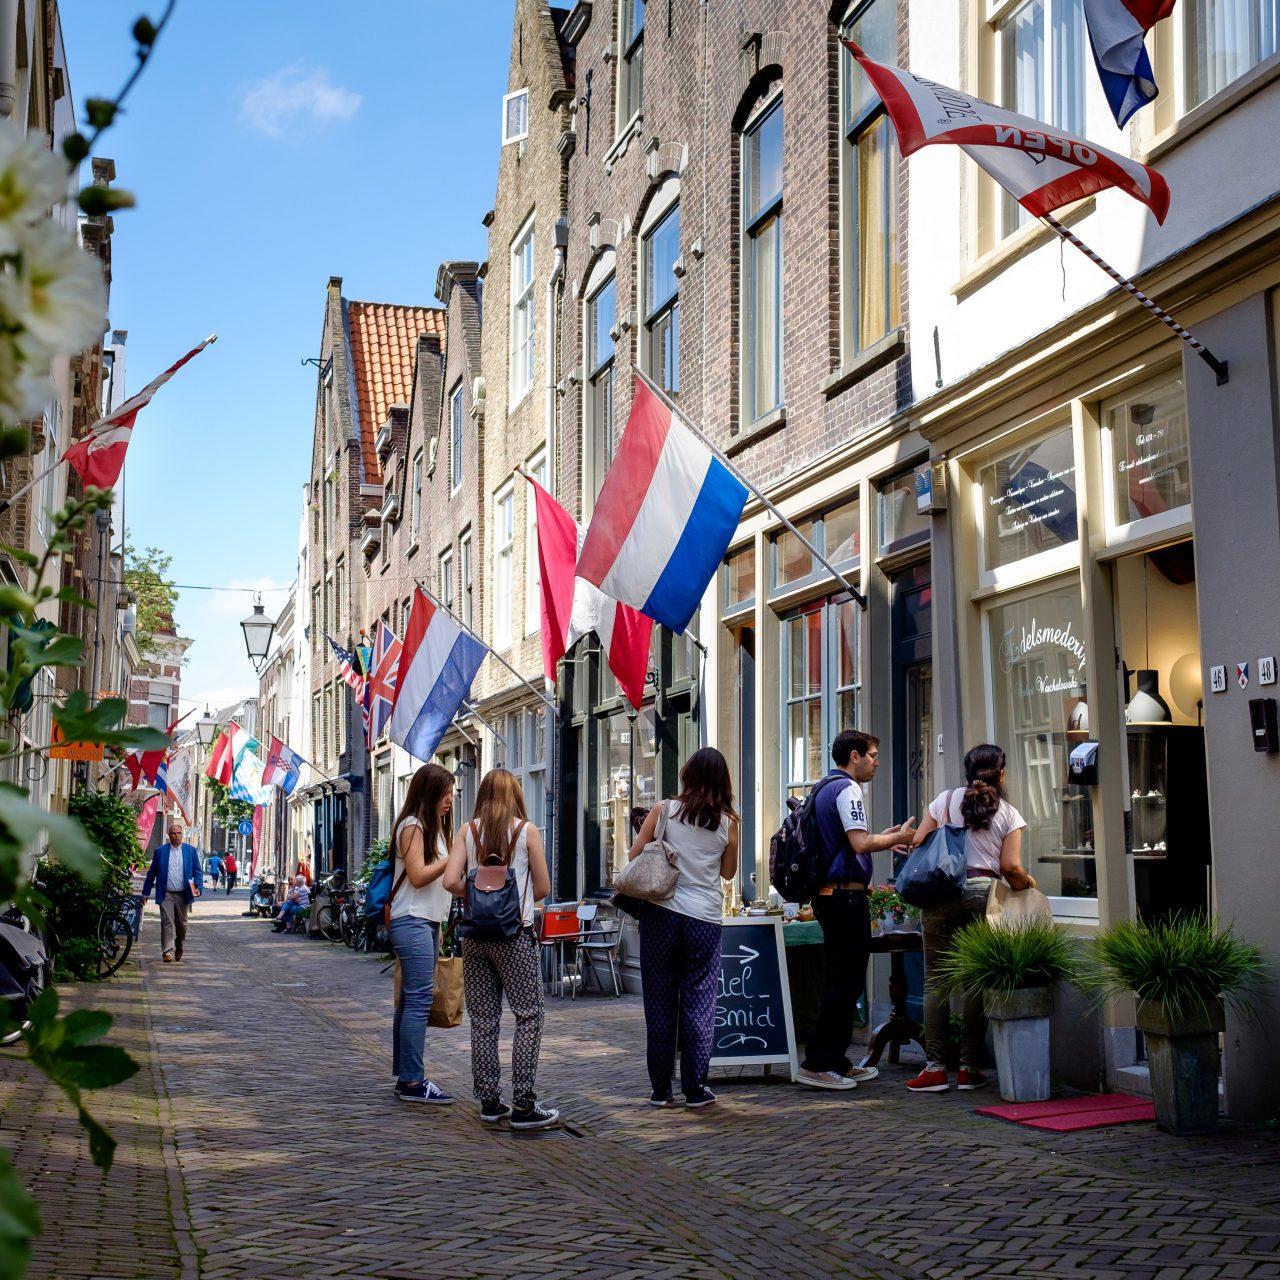 Kunstrondje Dordt - Dordrech - toerisme - Vleeshouwerstraat - winkelen - jongeren - vlaggen